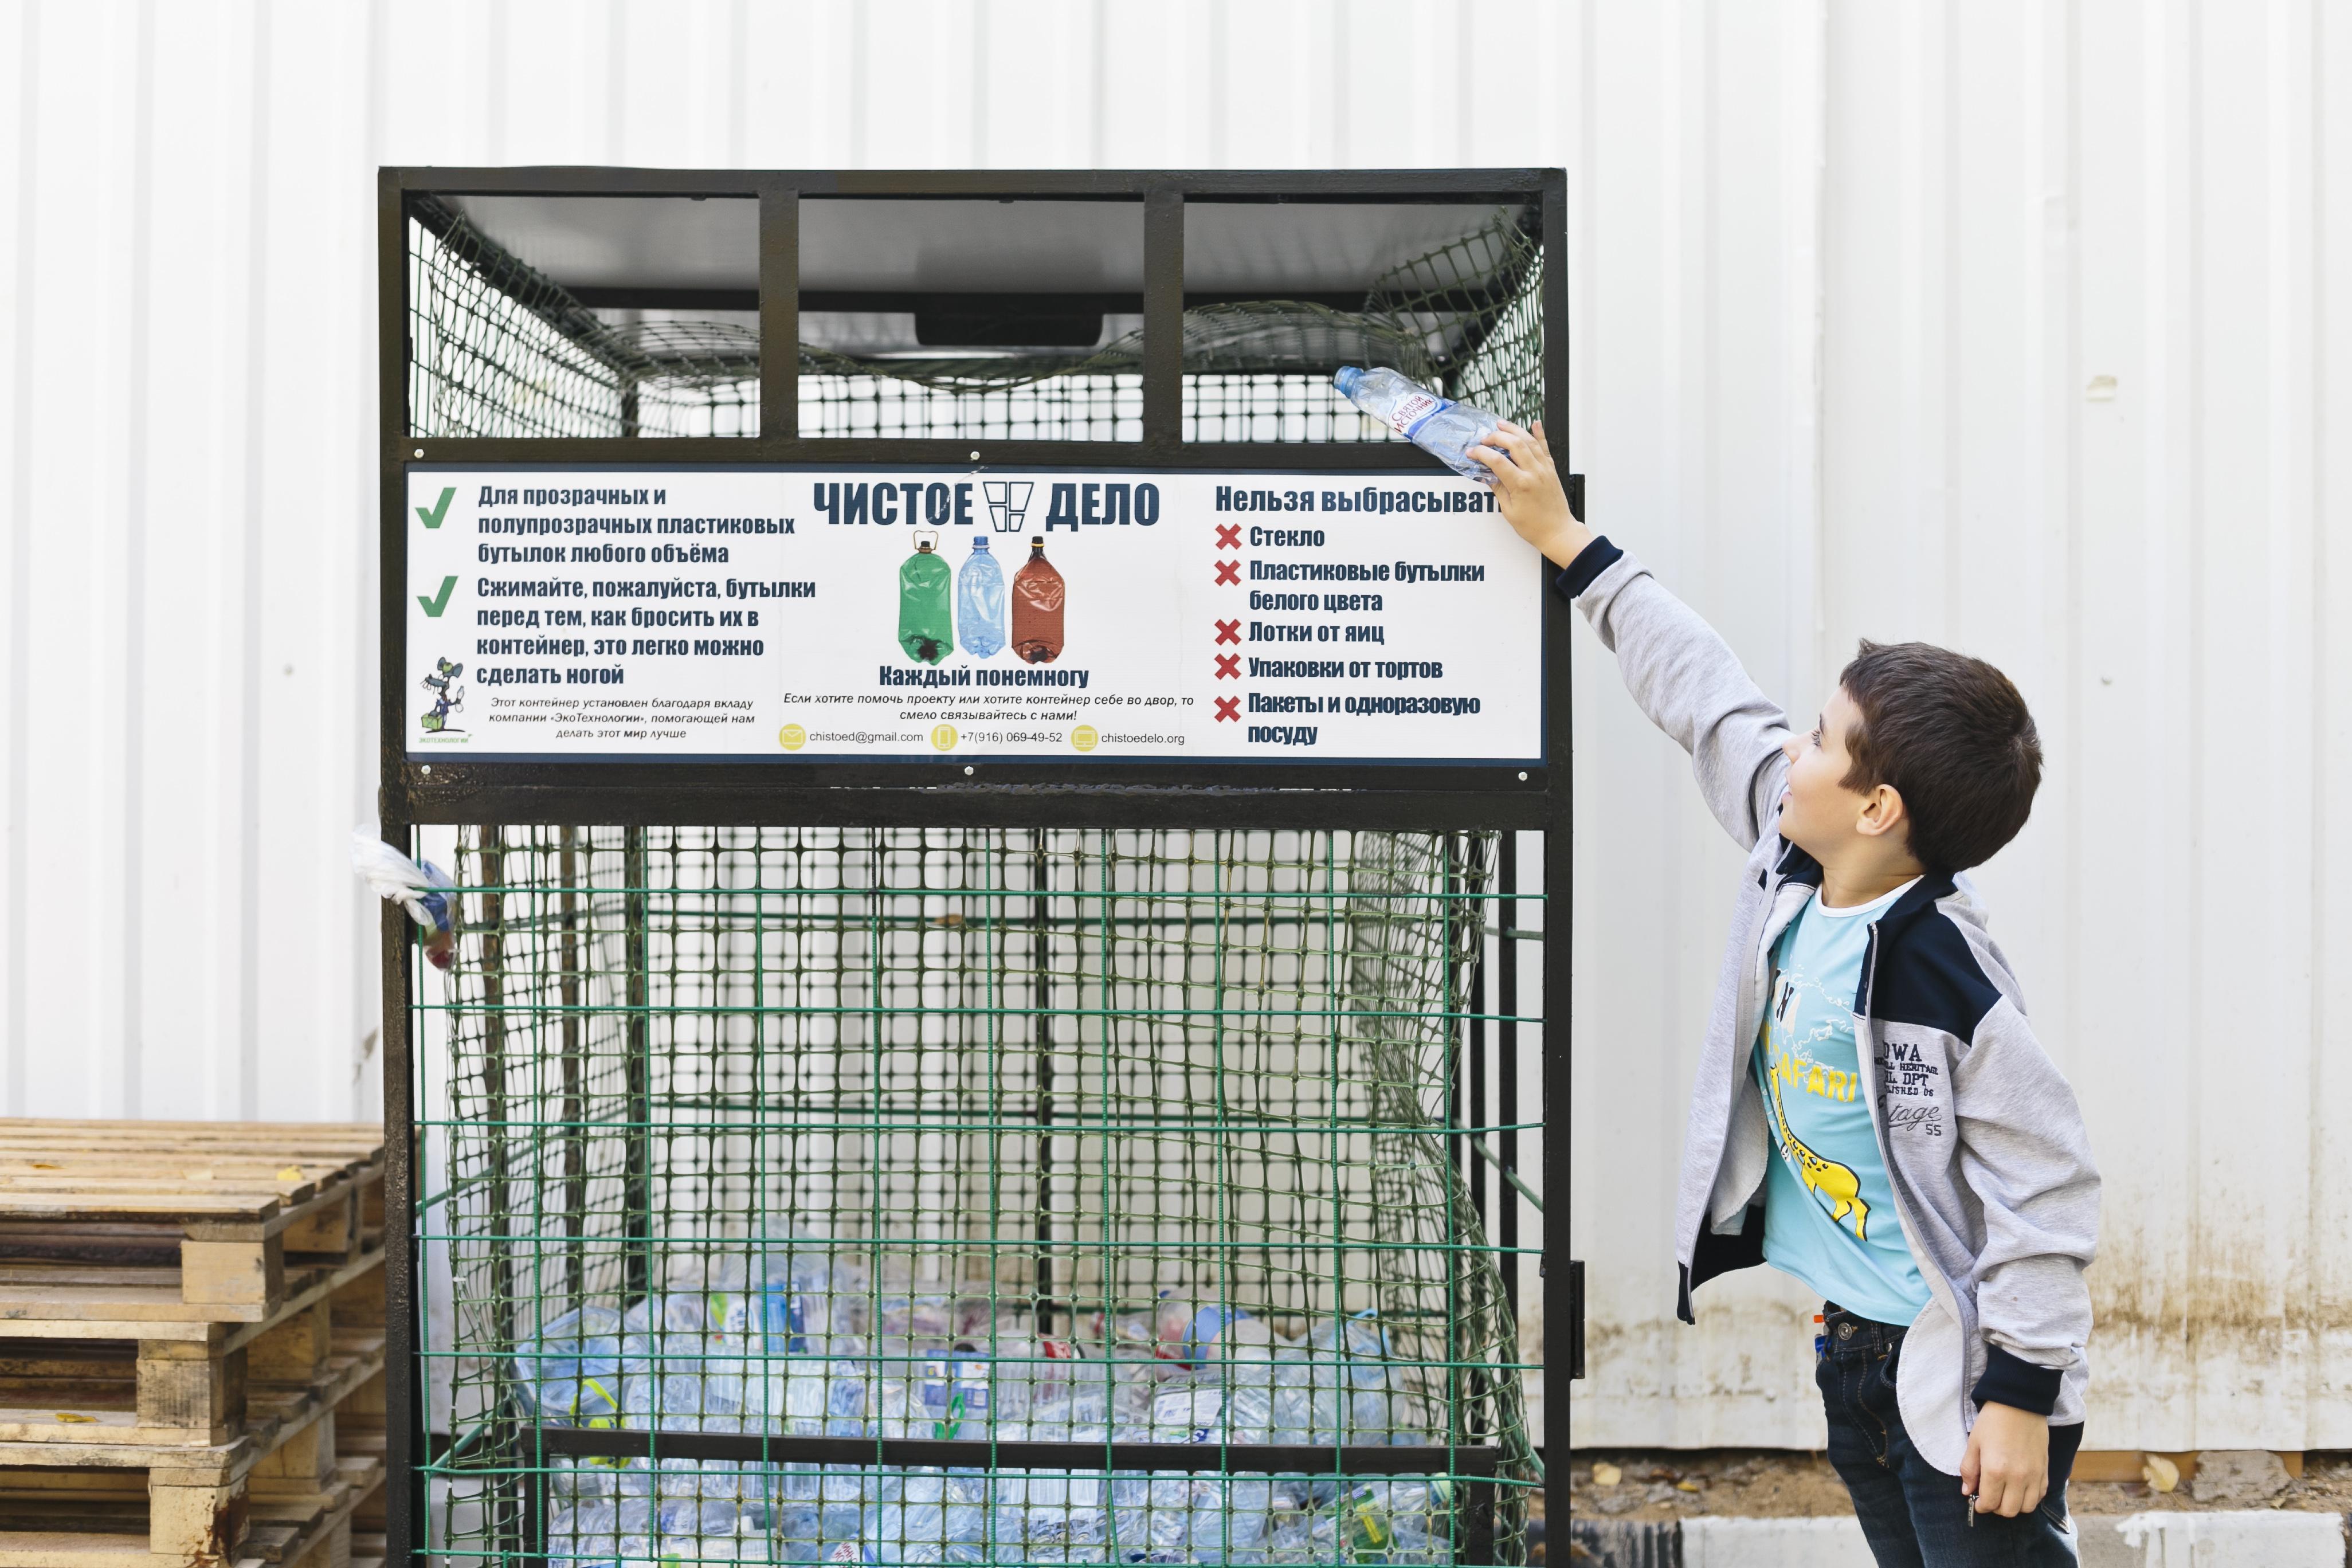 Активисты запустили новый проект по сортировке мусора в Долгопрудном